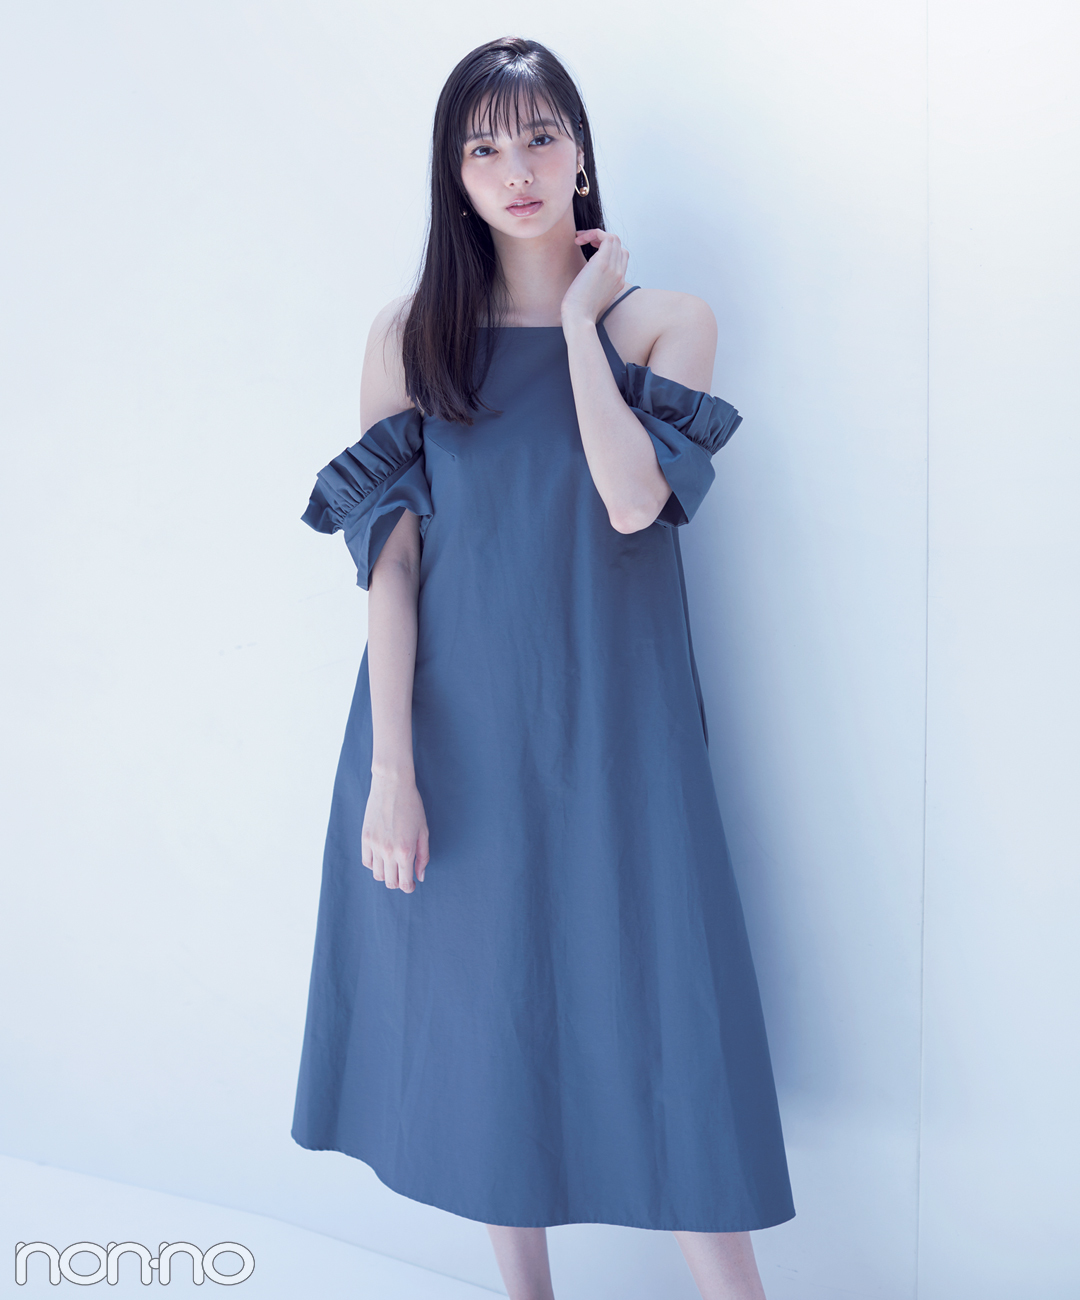 新川優愛さん